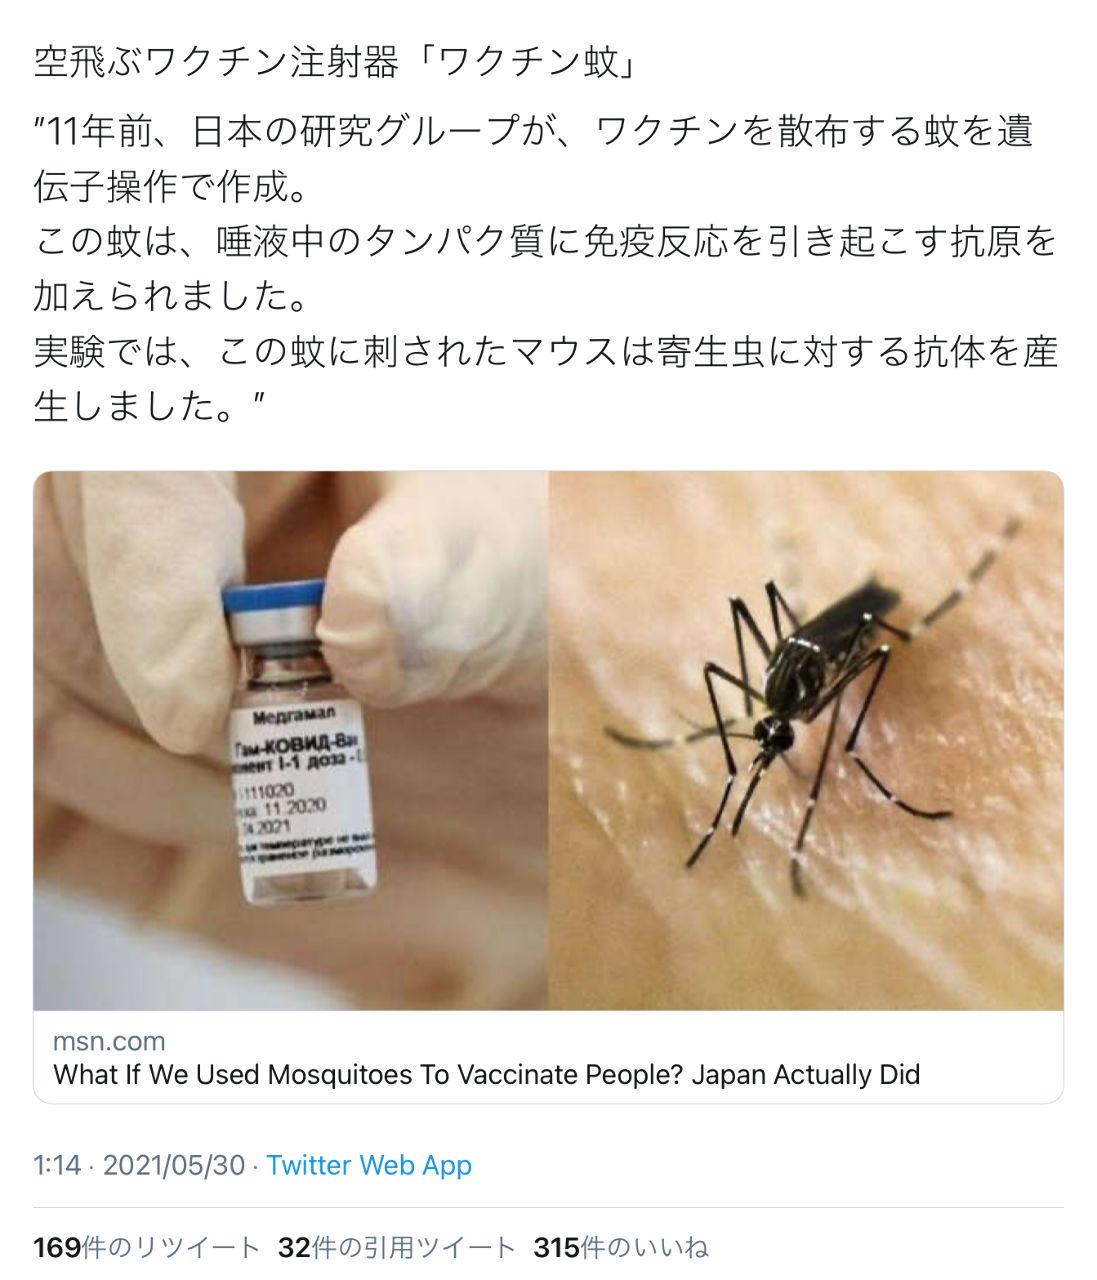 """くるみぱん2 💉  空飛ぶワクチン注射器「ワクチン蚊」  """"11年前、日本の研究グループが、ワクチンを"""